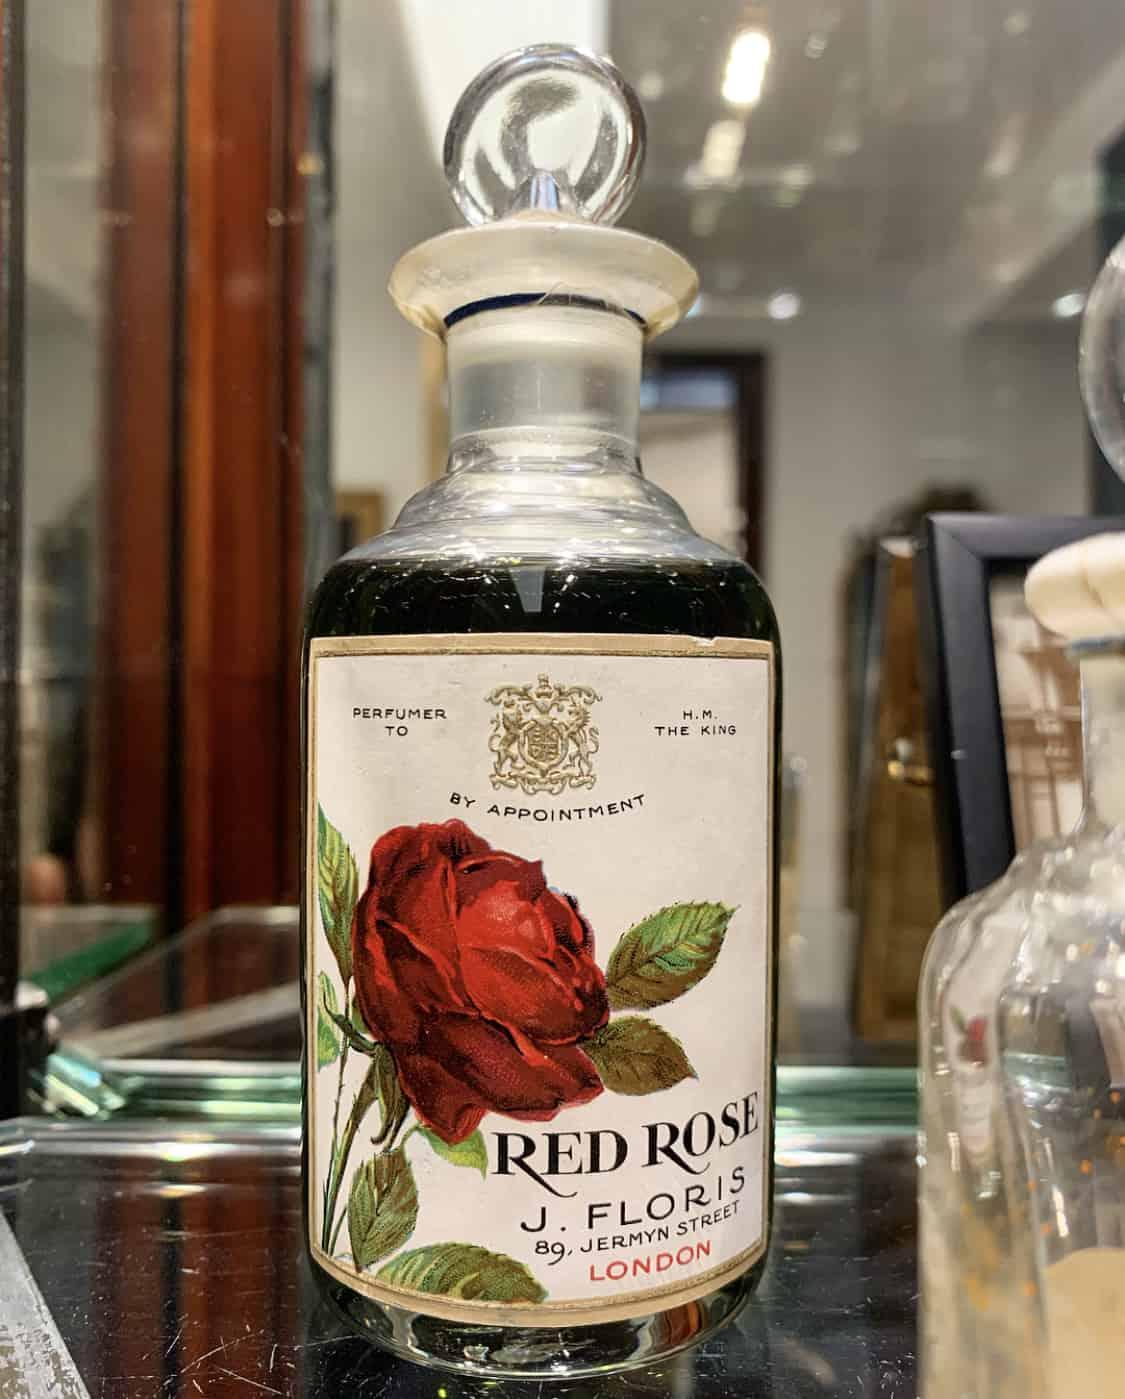 Red Rose perfume, Floris, Jermyn Street, St. James's, Unique Boutiques Tour, Fashion Tours London